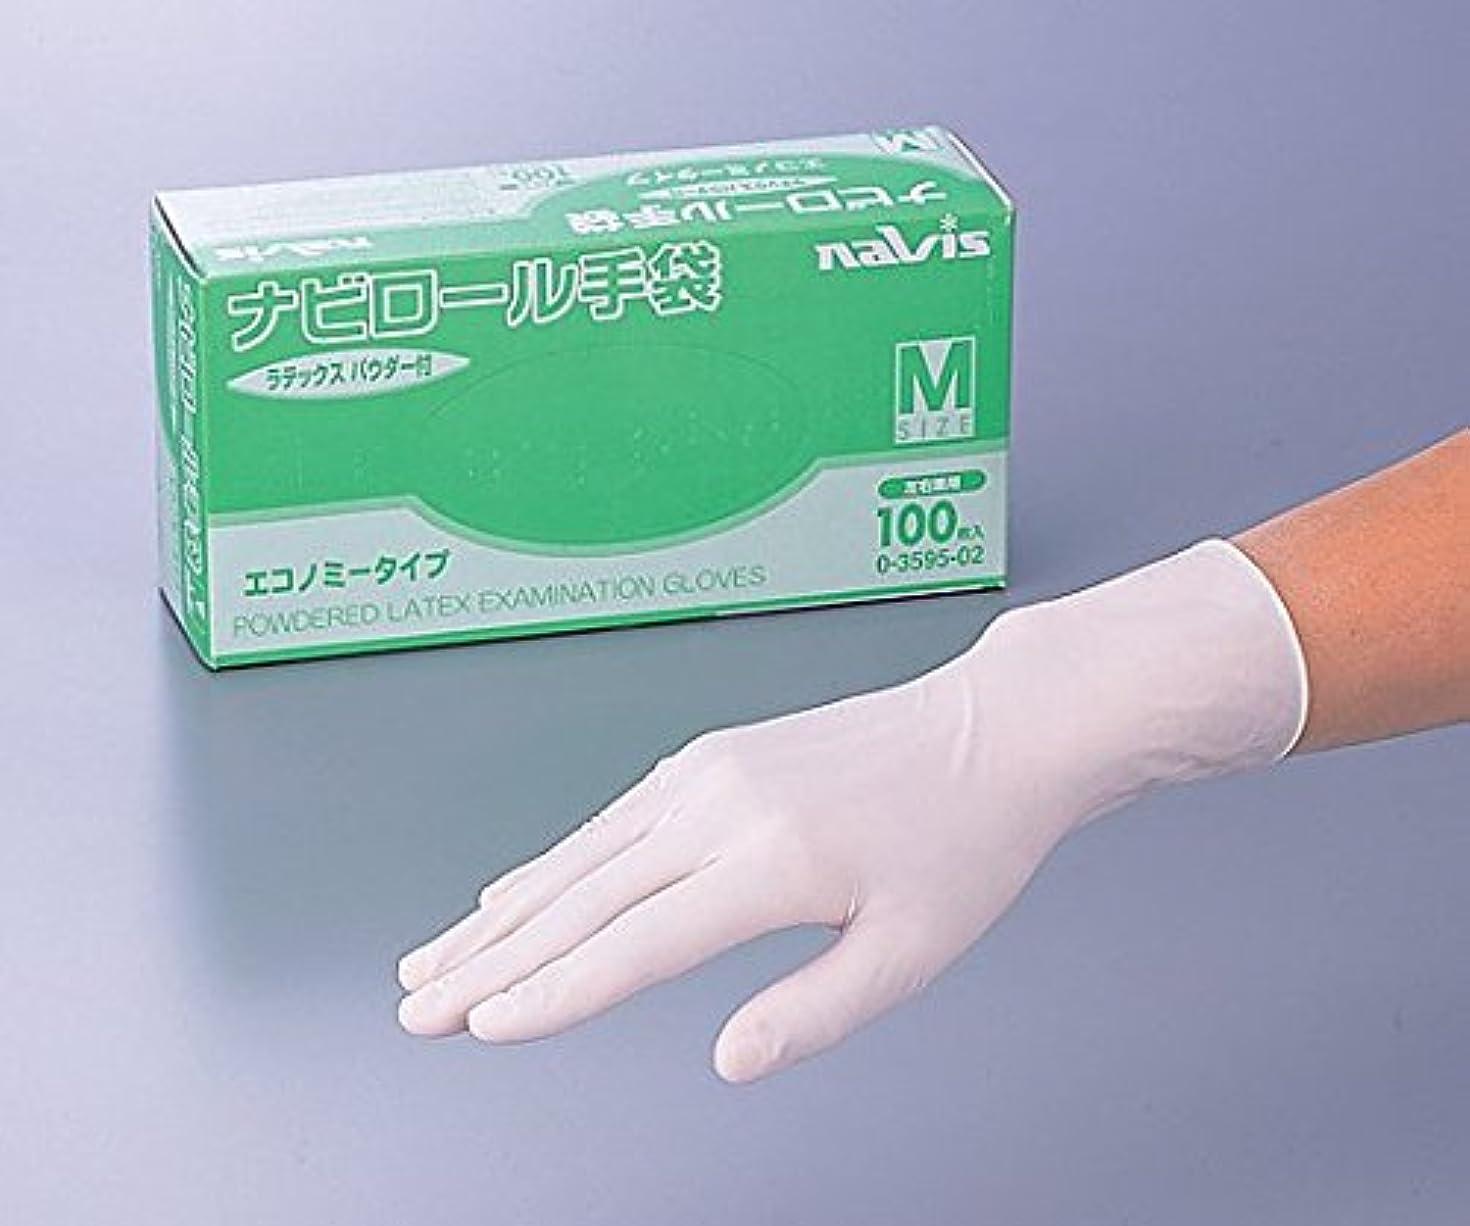 有料宇宙飢えアズワン0-3595-01ナビロール手袋(エコノミータイプ?パウダー付)L100枚入